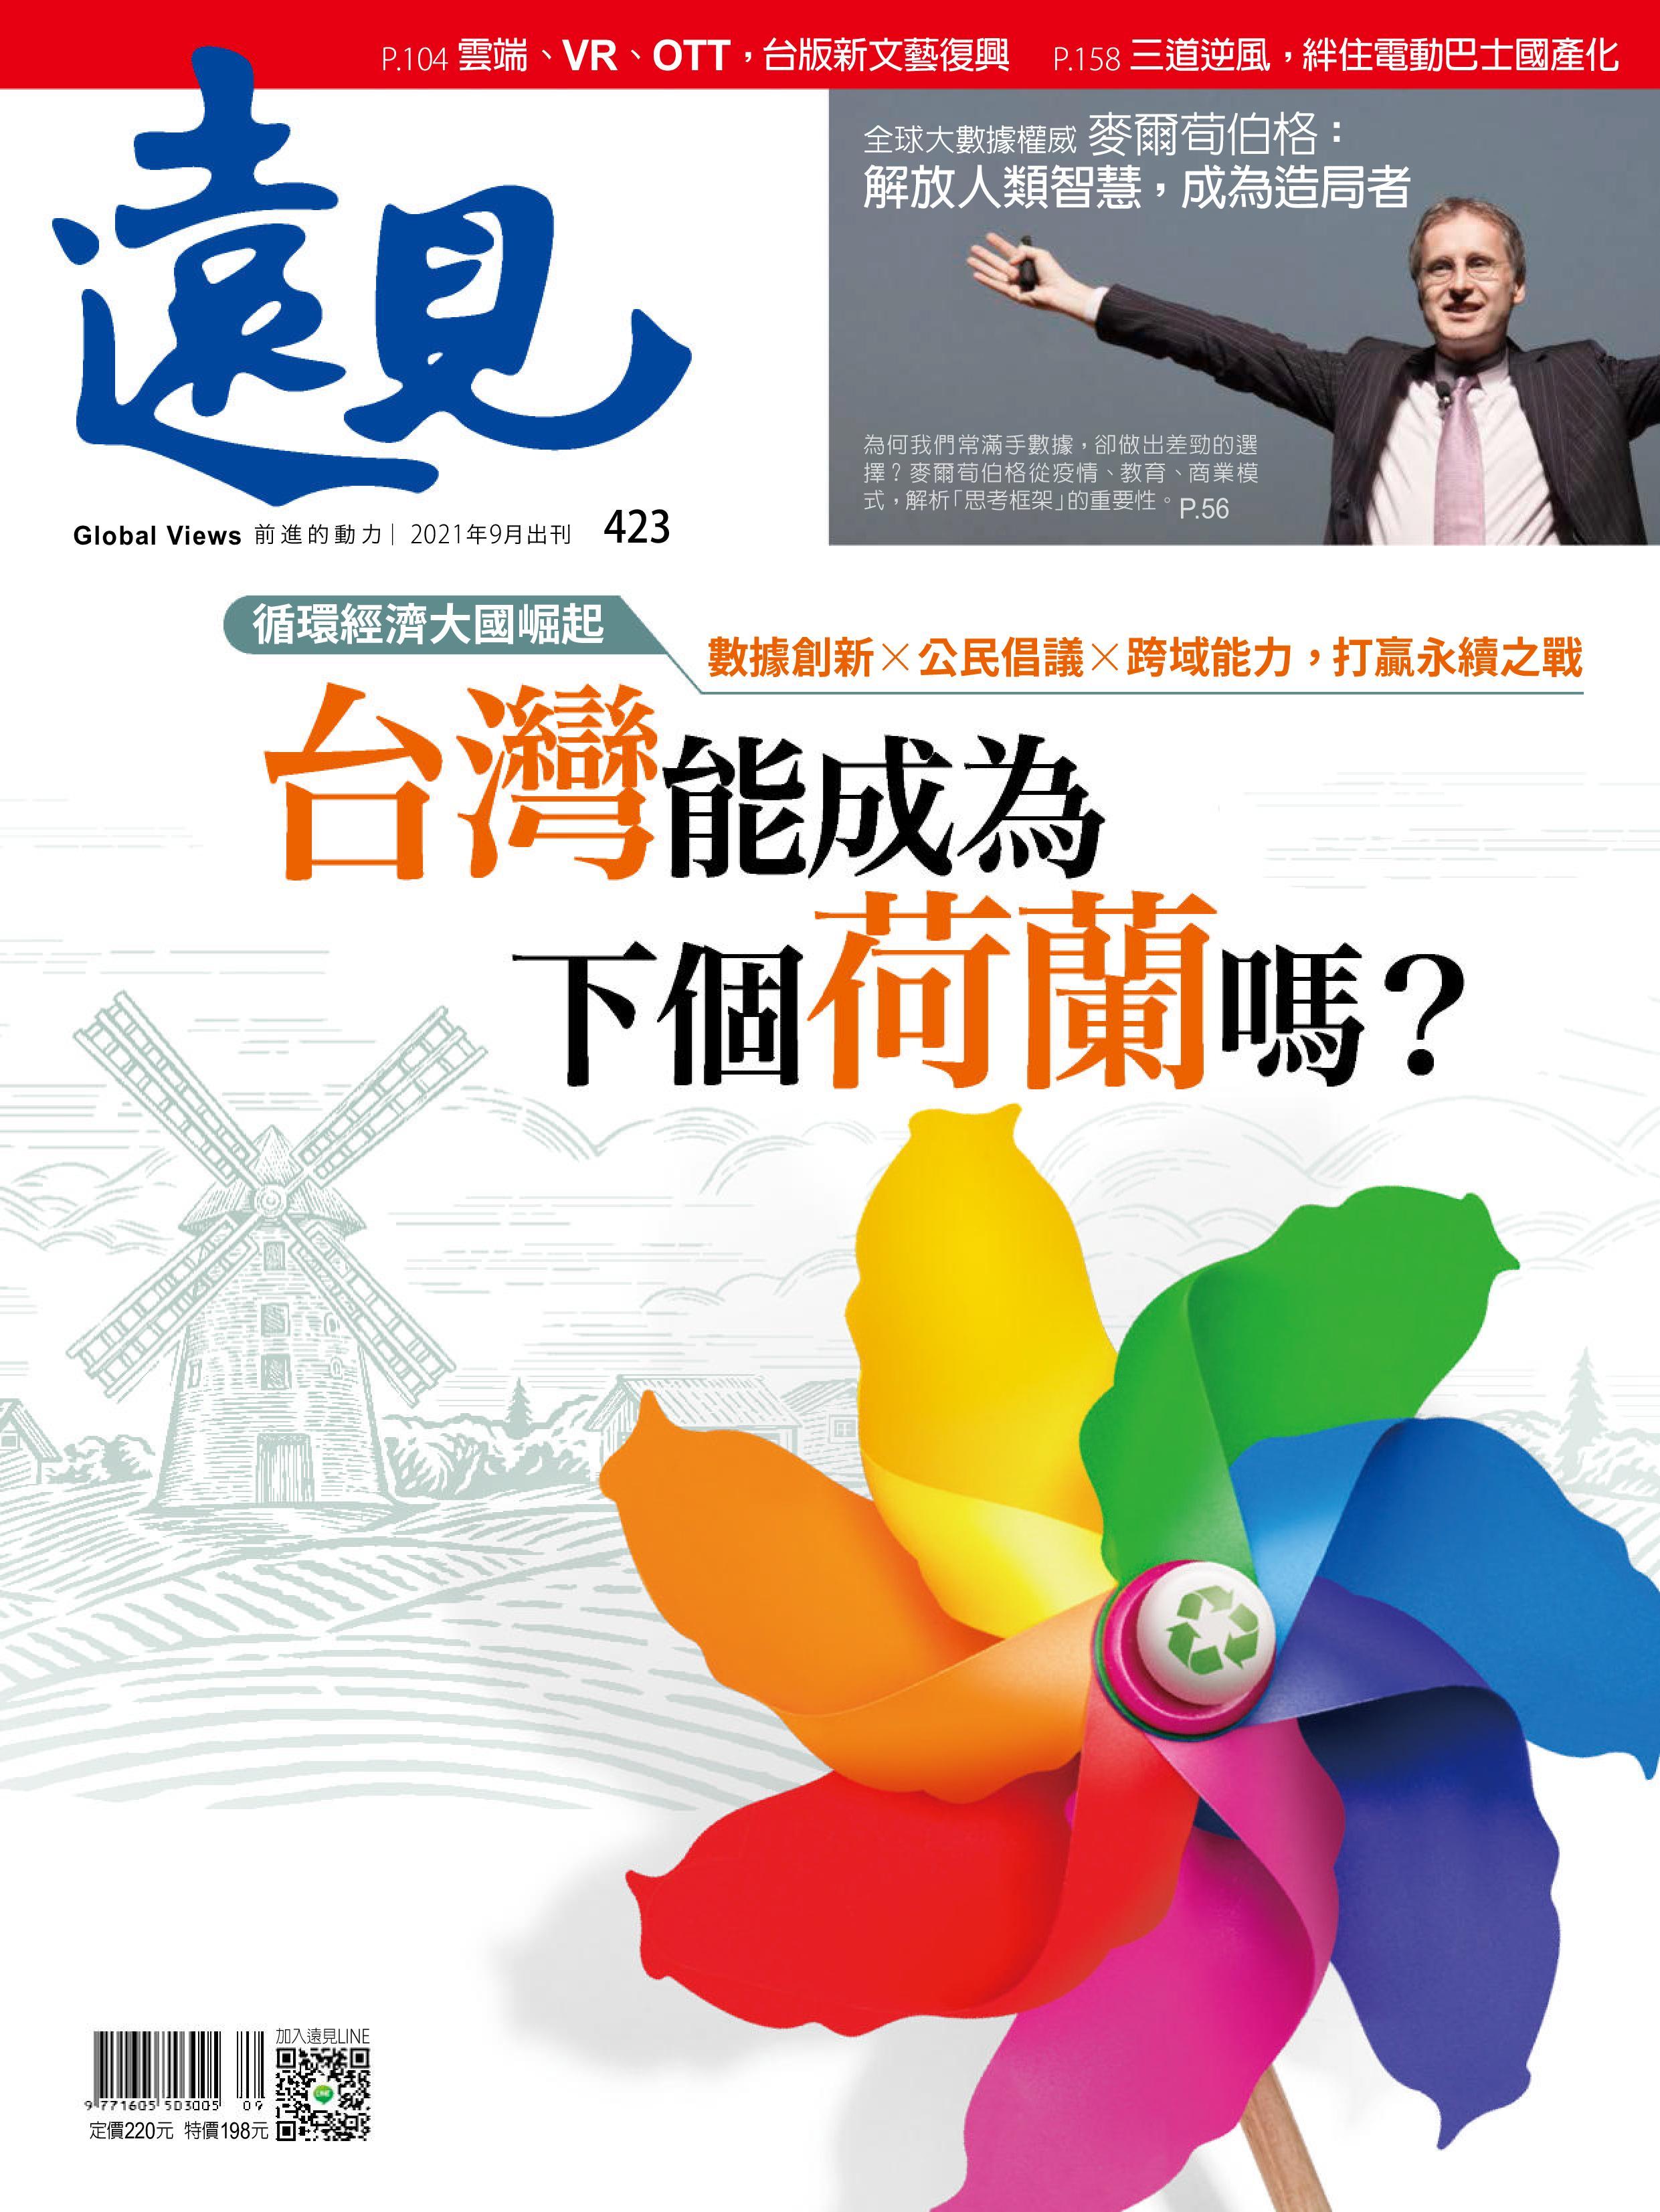 Global Views Monthly 遠見雜誌 - 九月 2021